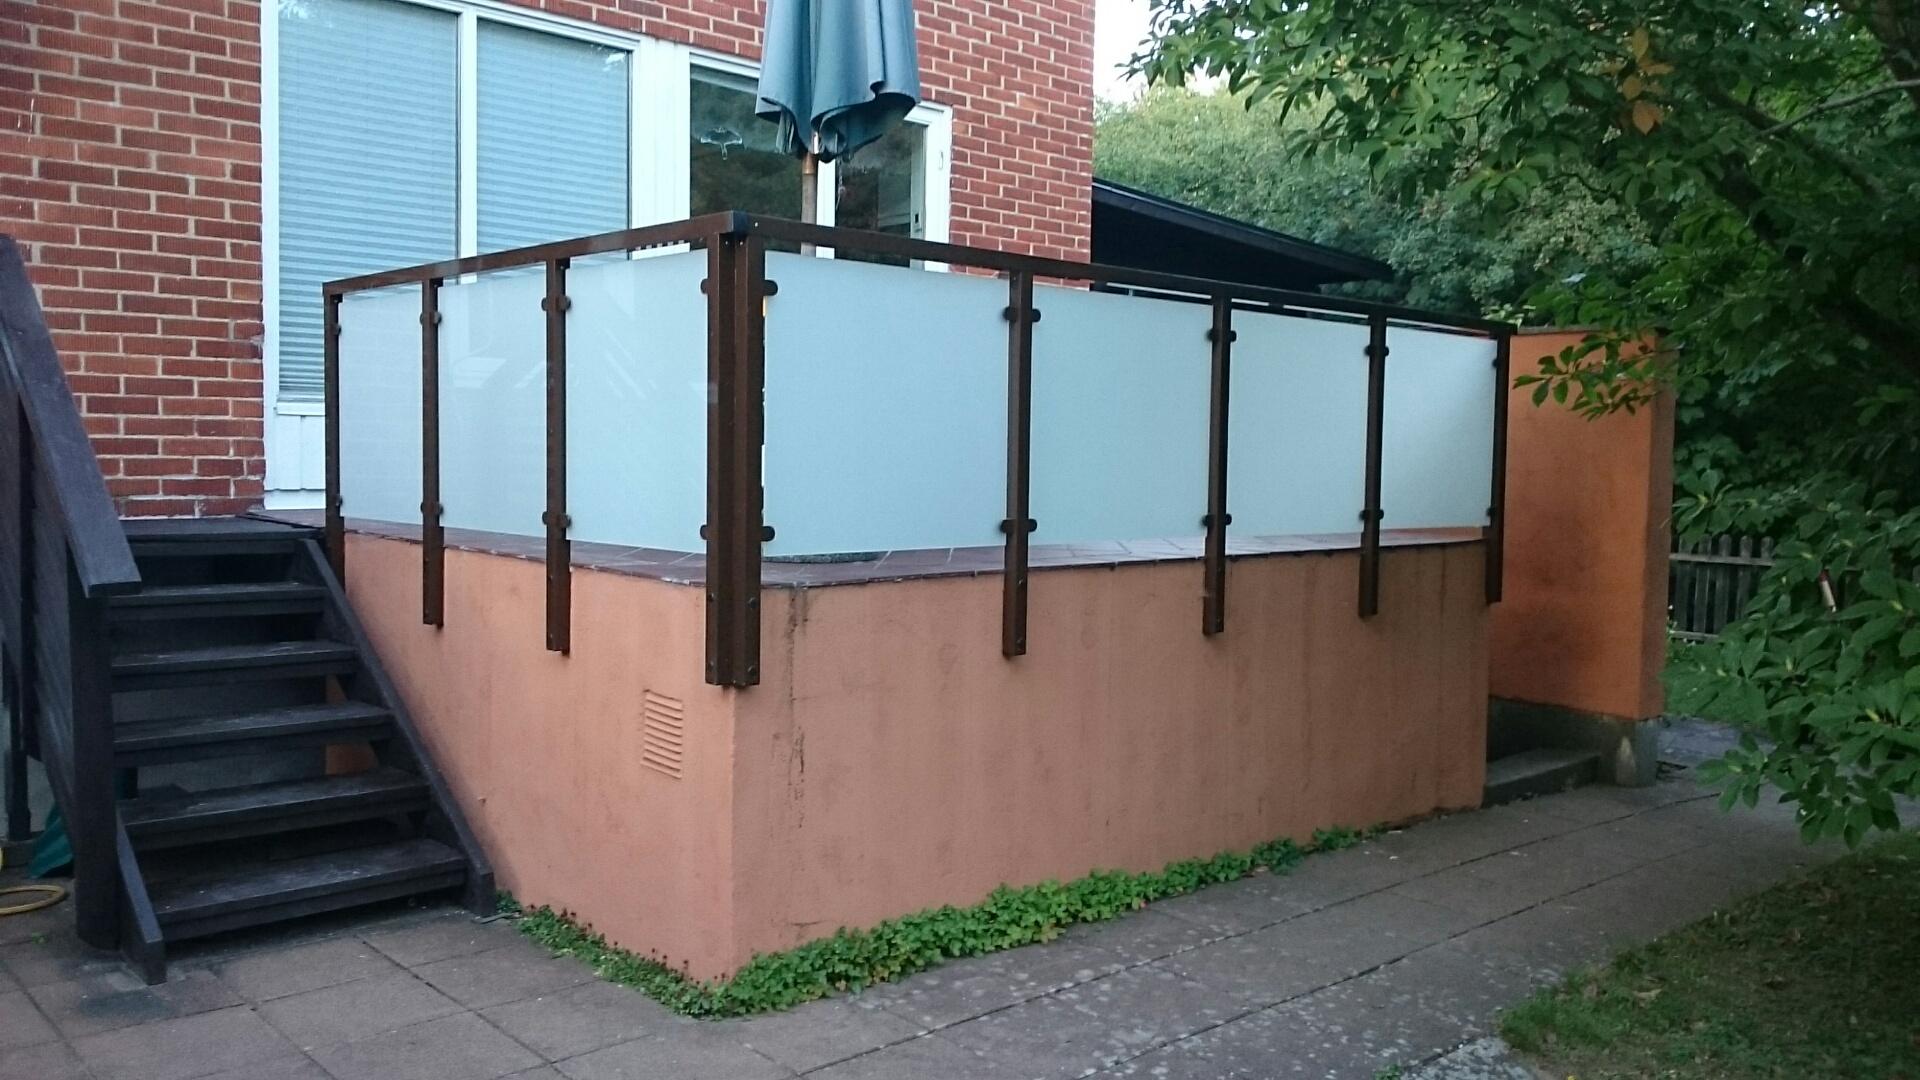 Brise Vue En Verre Pour Terrasse à brise-vue verre pour terrasses et balcons | maisondugarde-corps.fr